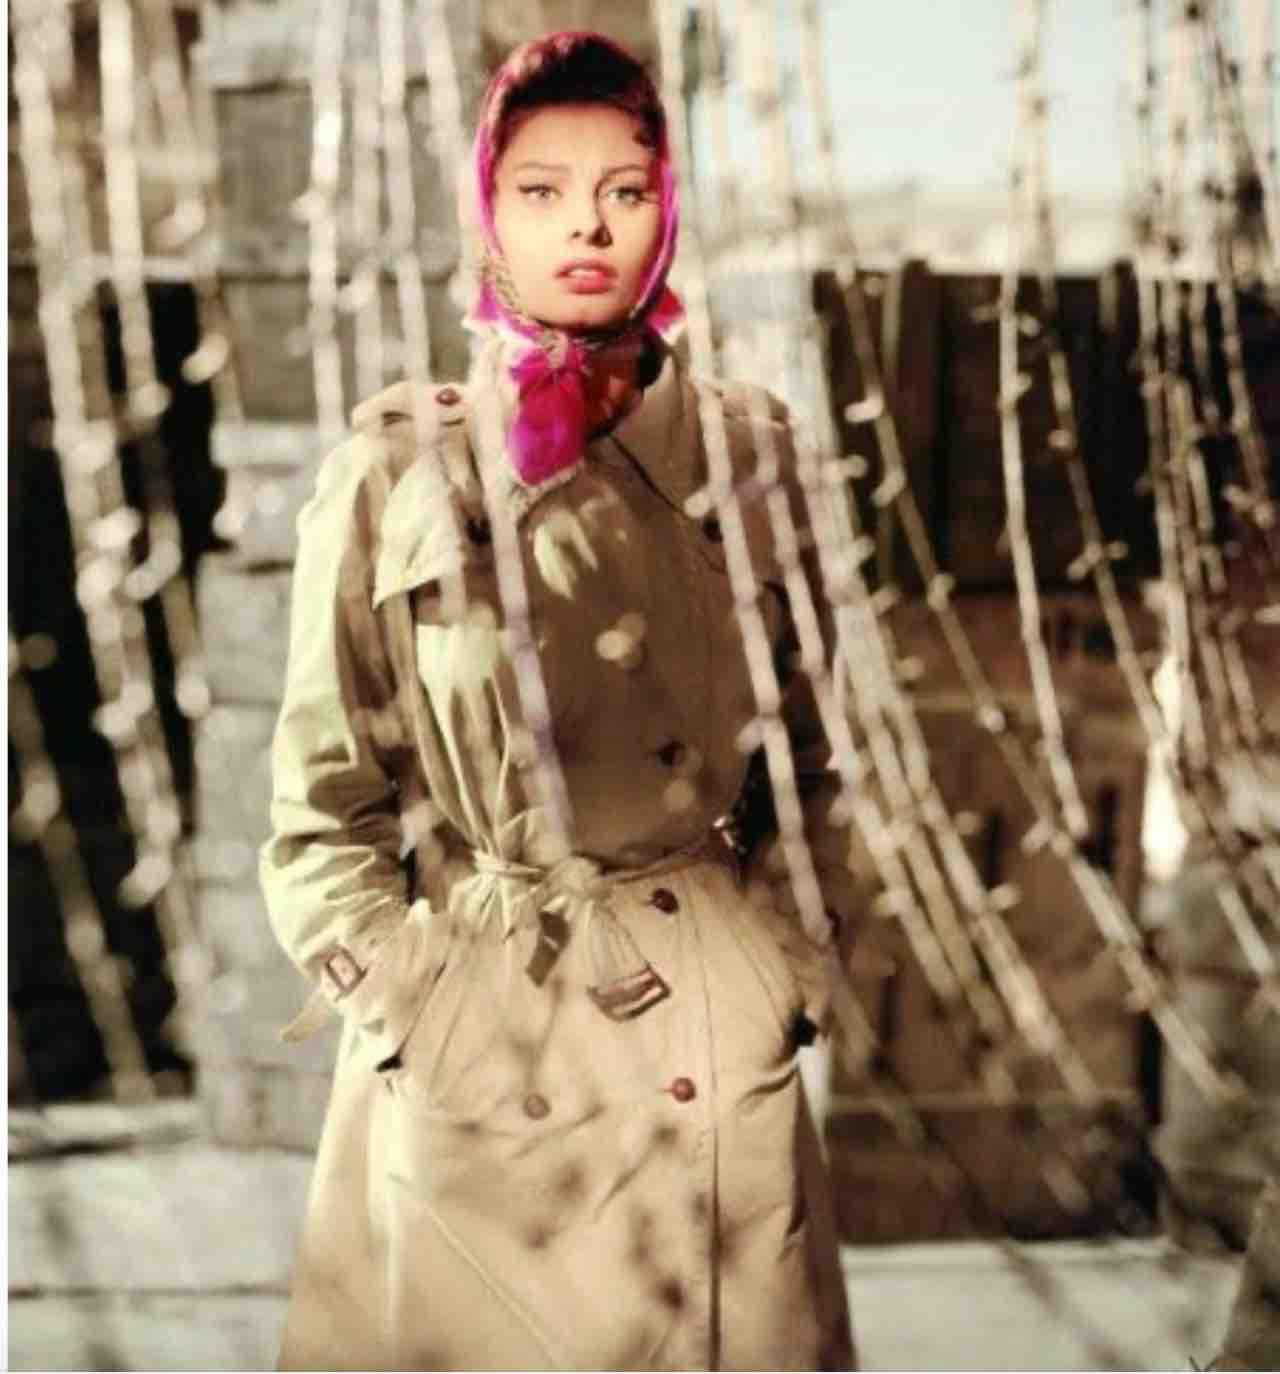 Sophia Loren trench